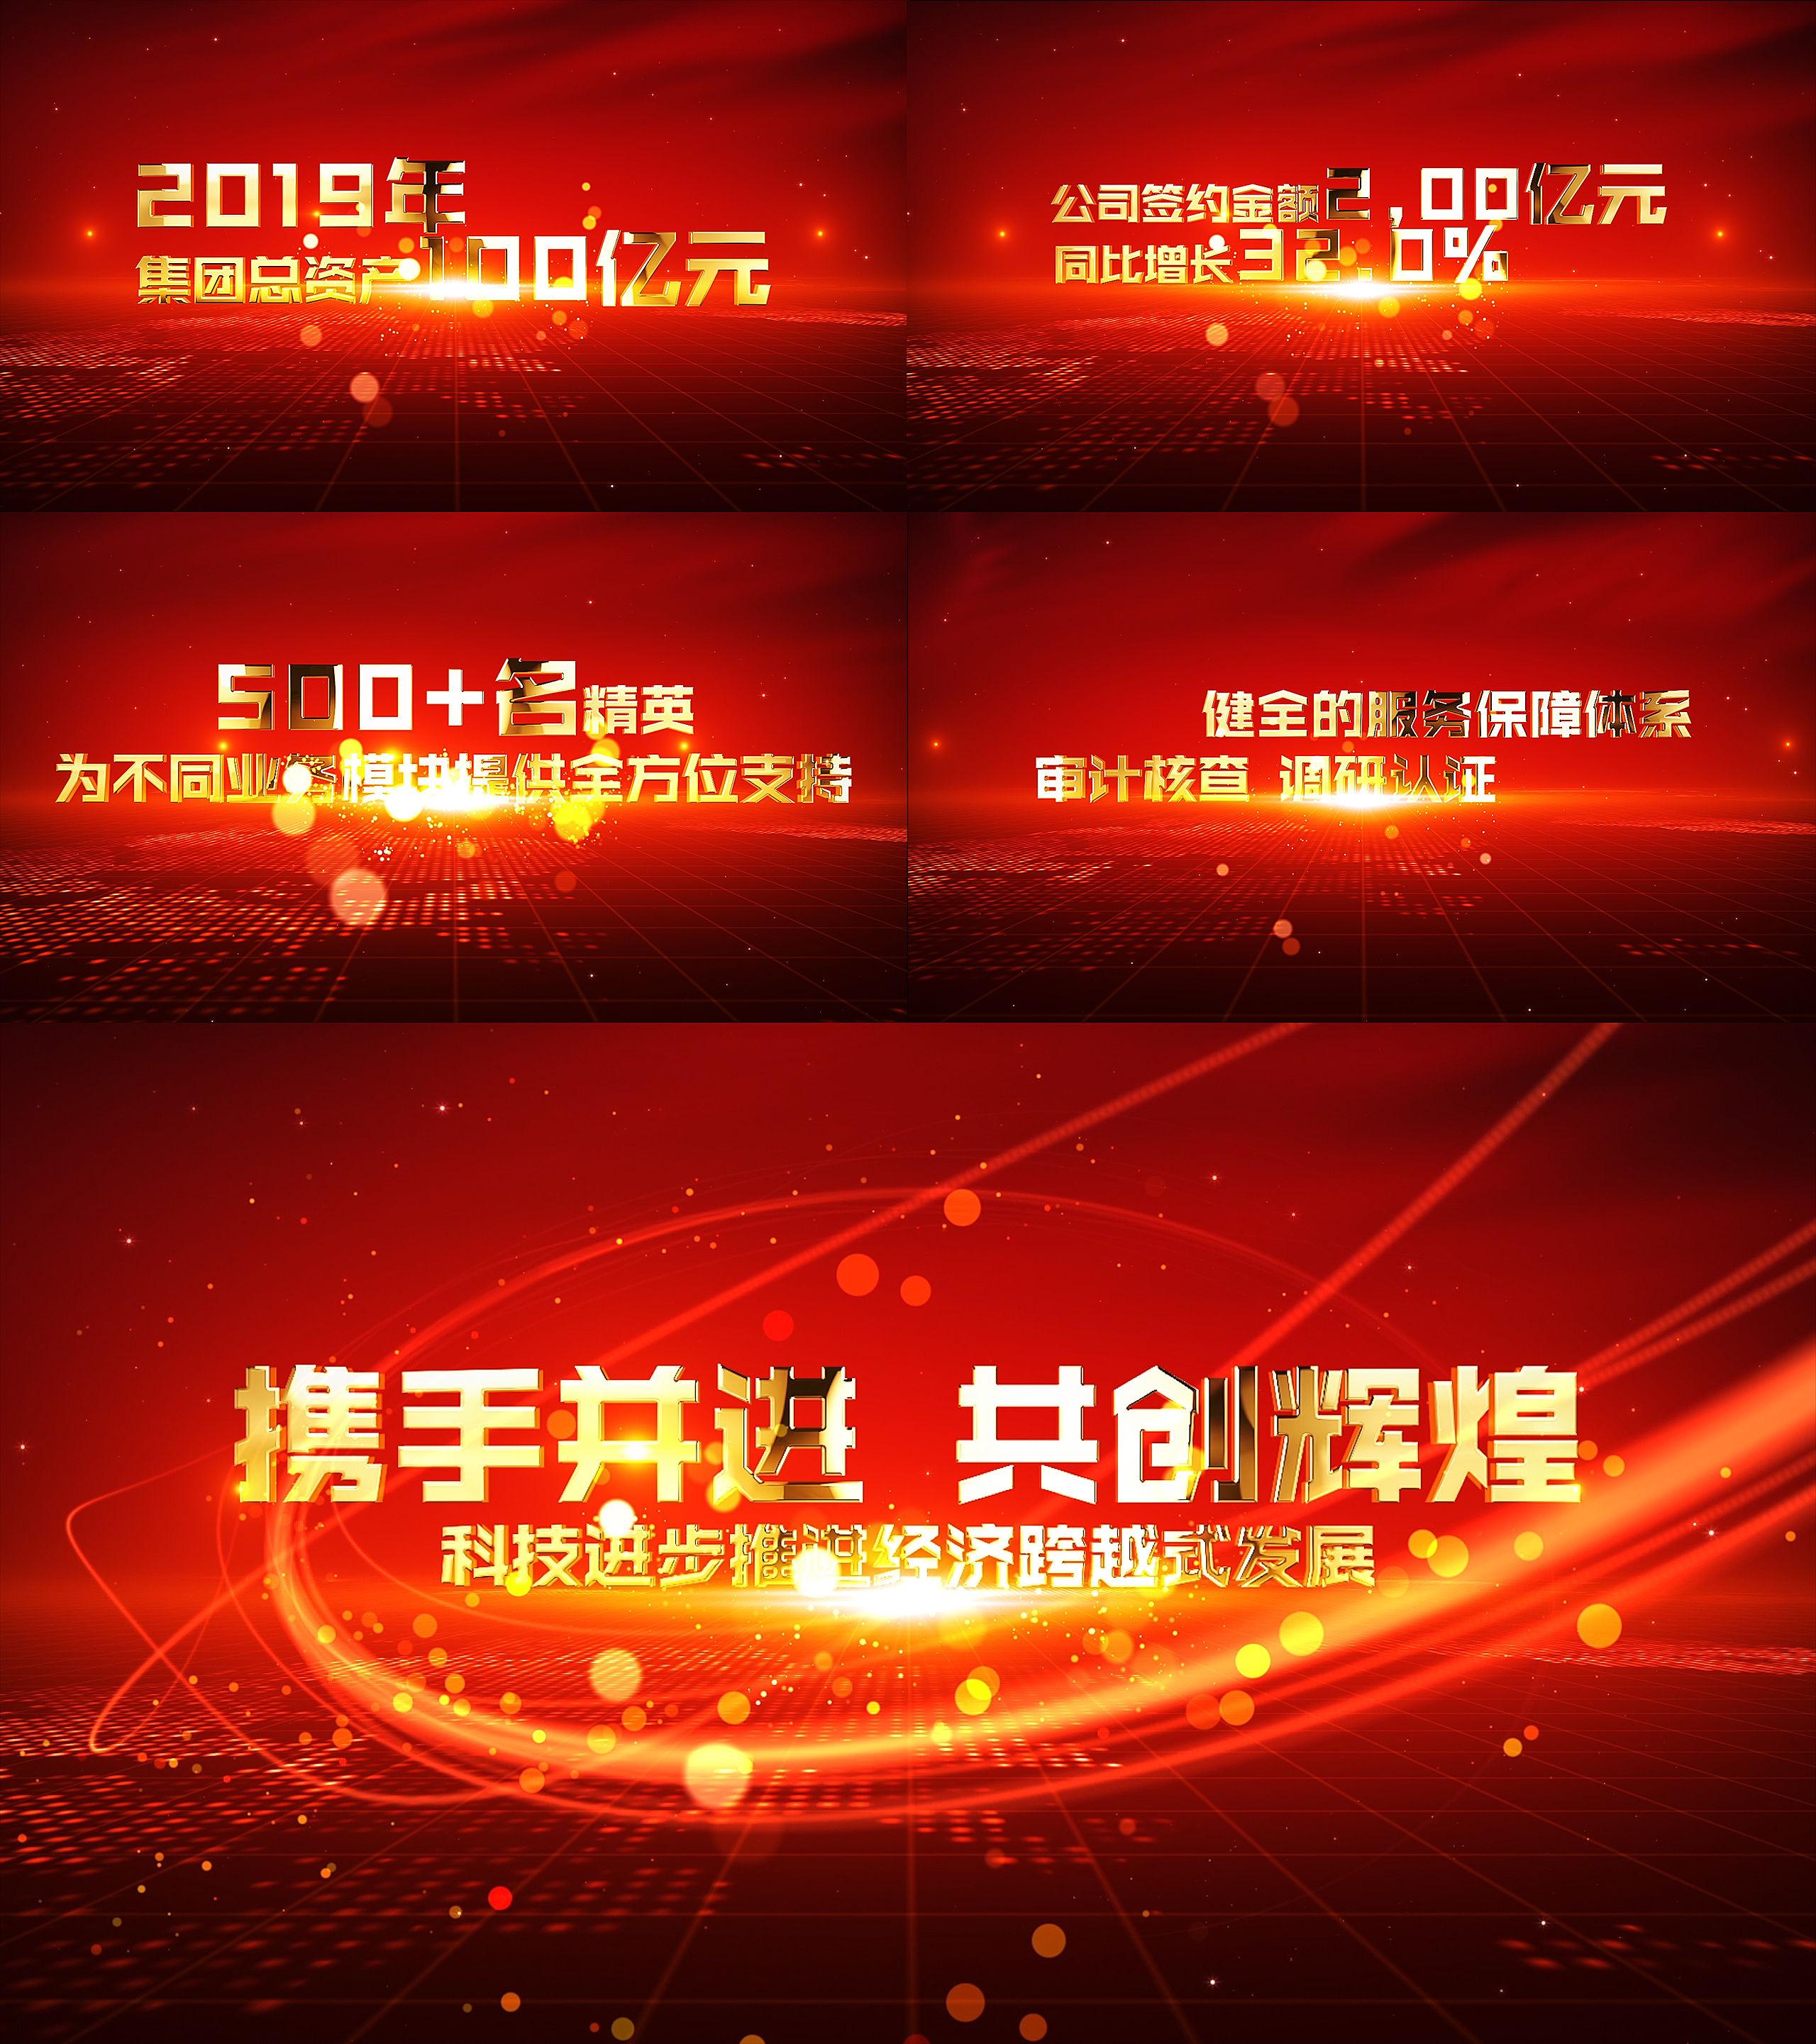 原创—红色标题党政机关数据管理展示